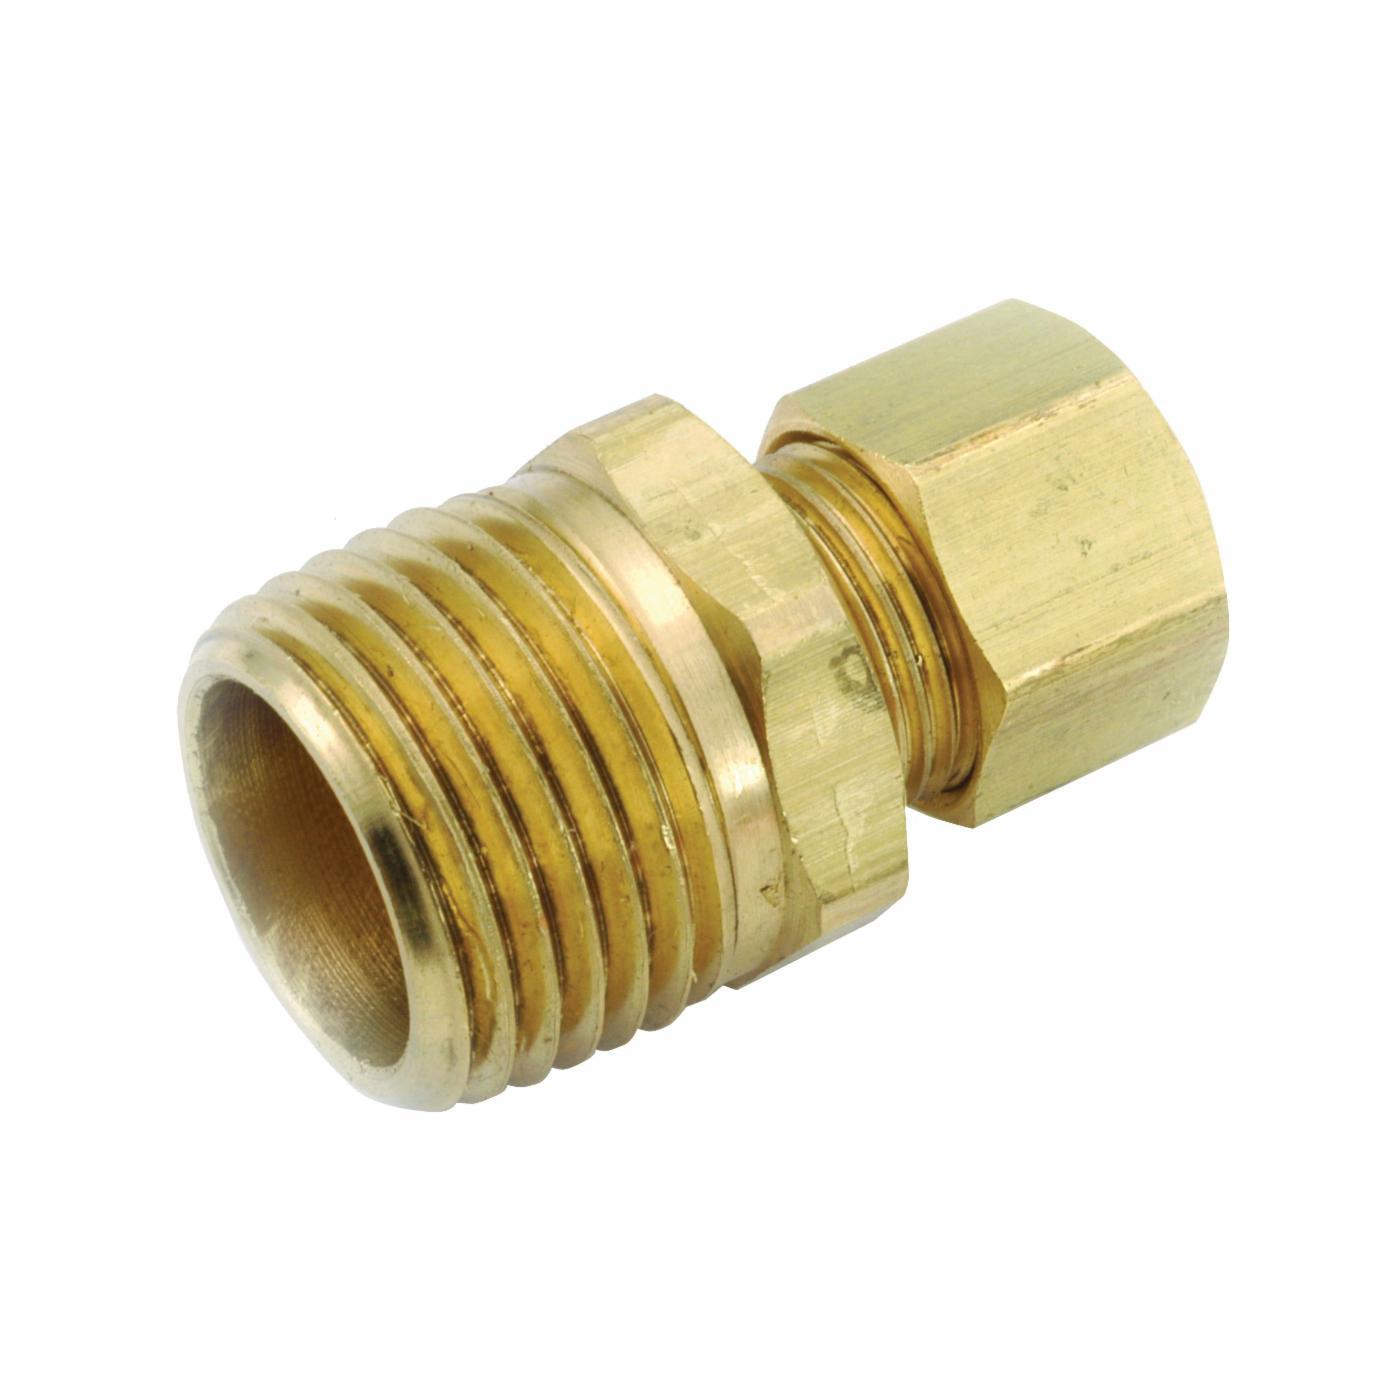 Anderson Metals 750068-0604